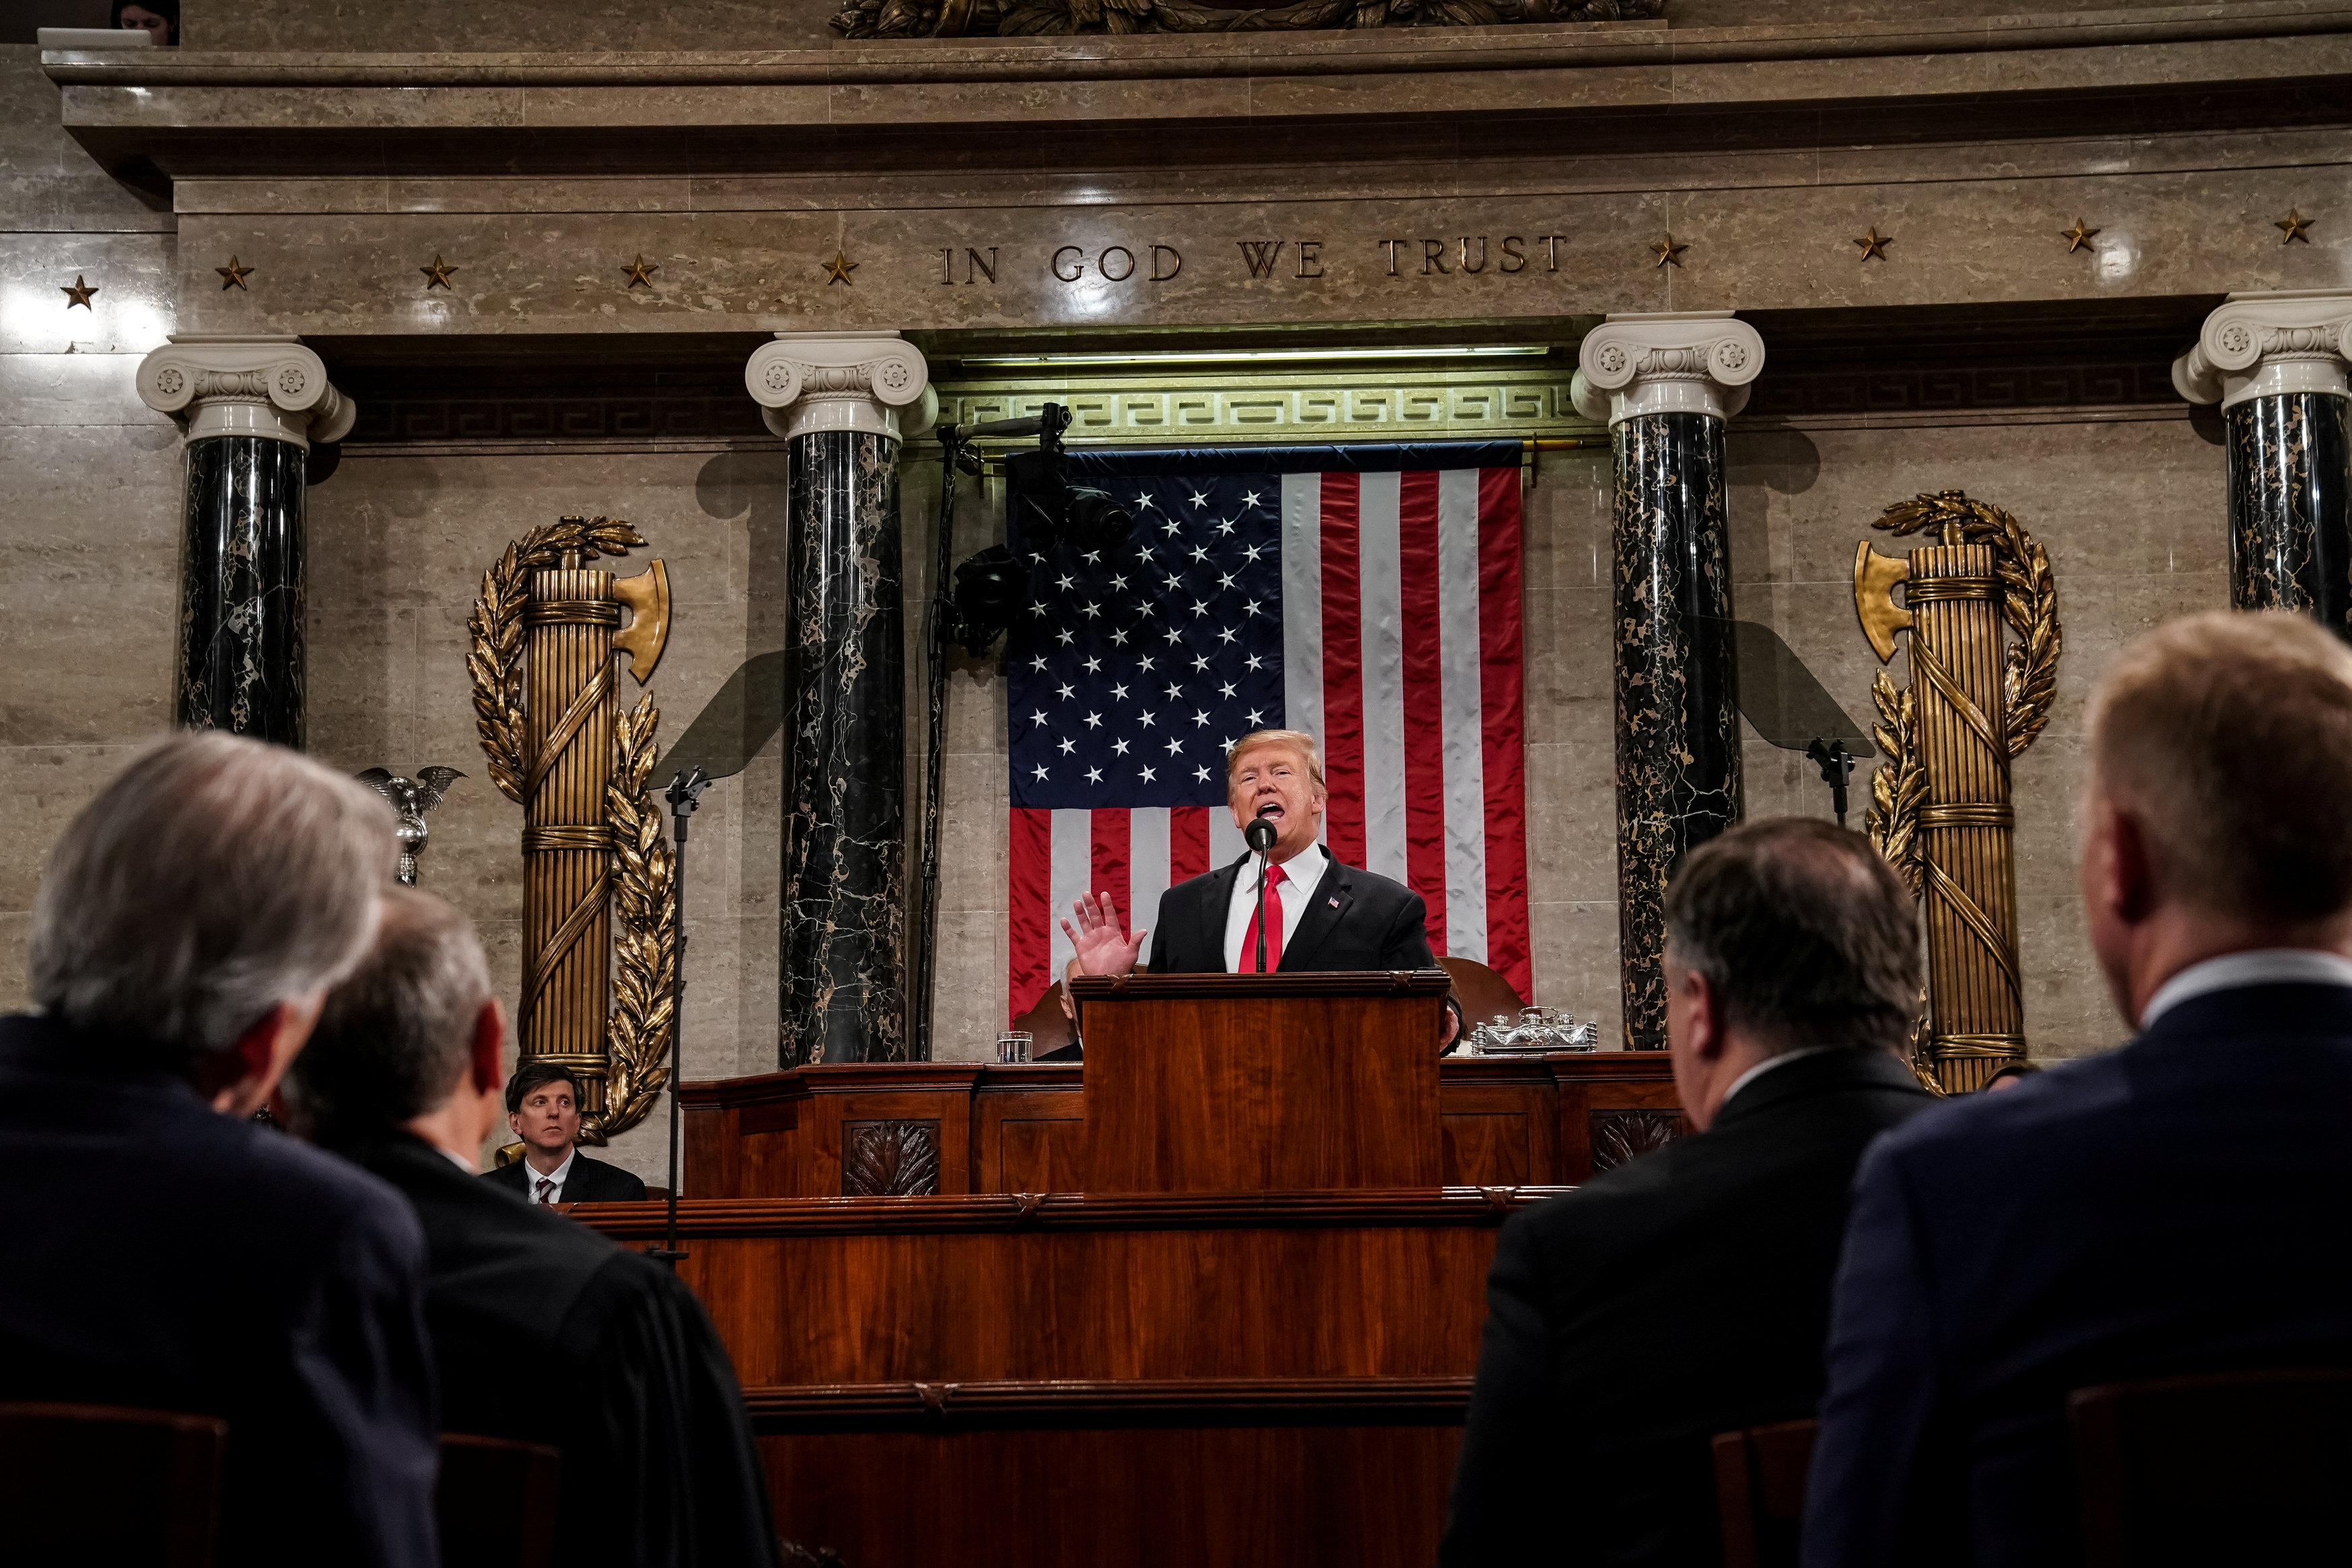 الرئيس الأمريكى يلقى خطابه أمام الكونجرس